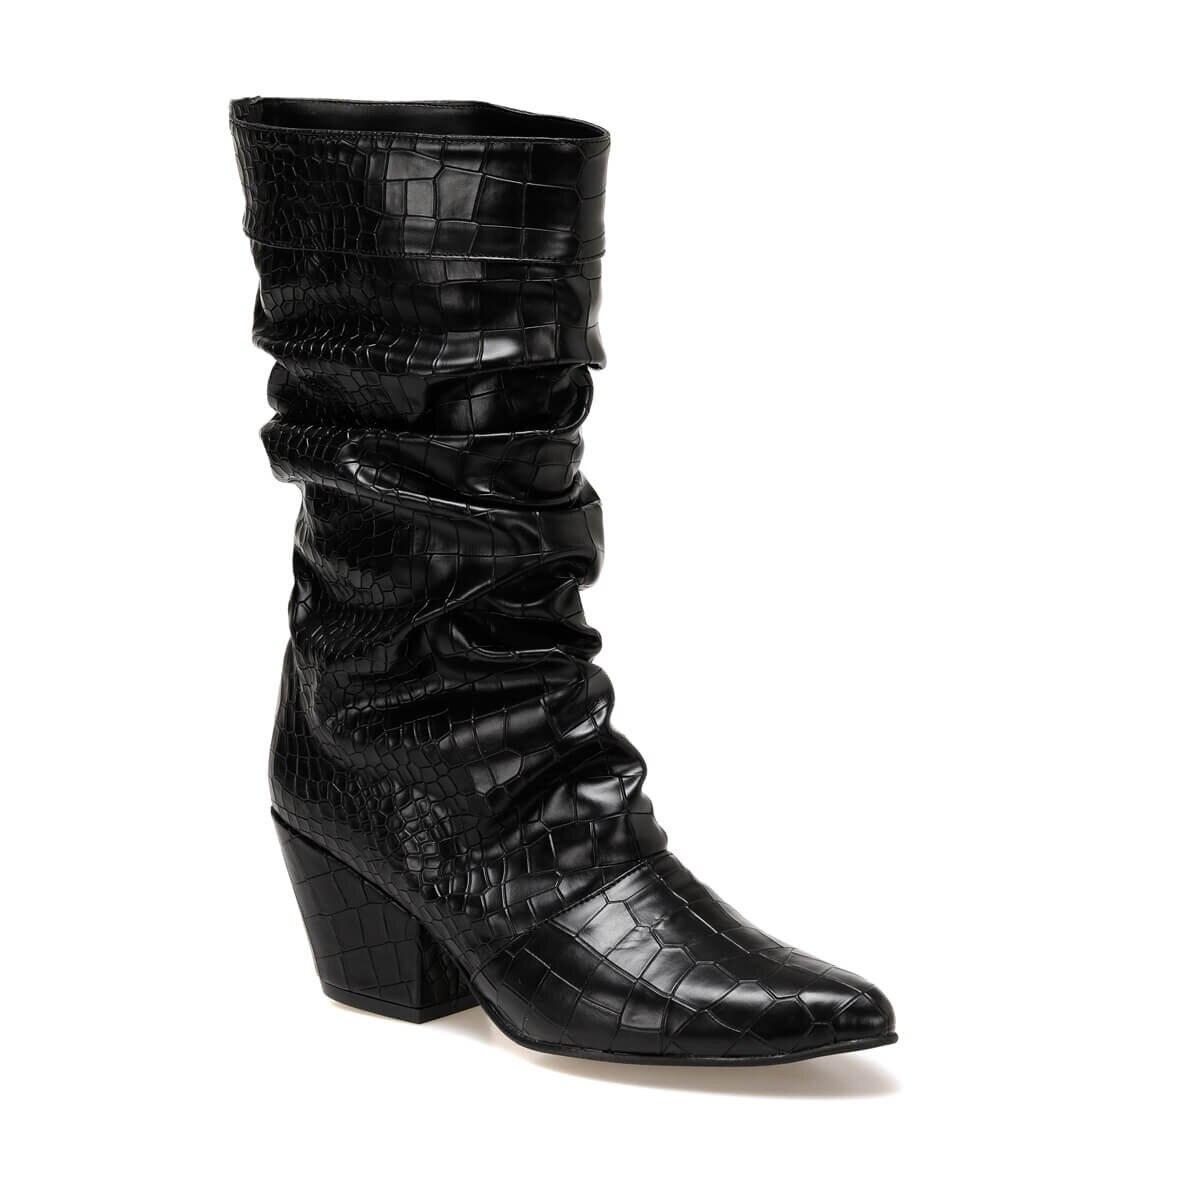 FLO TARASSA Black Women Boots BUTIGO